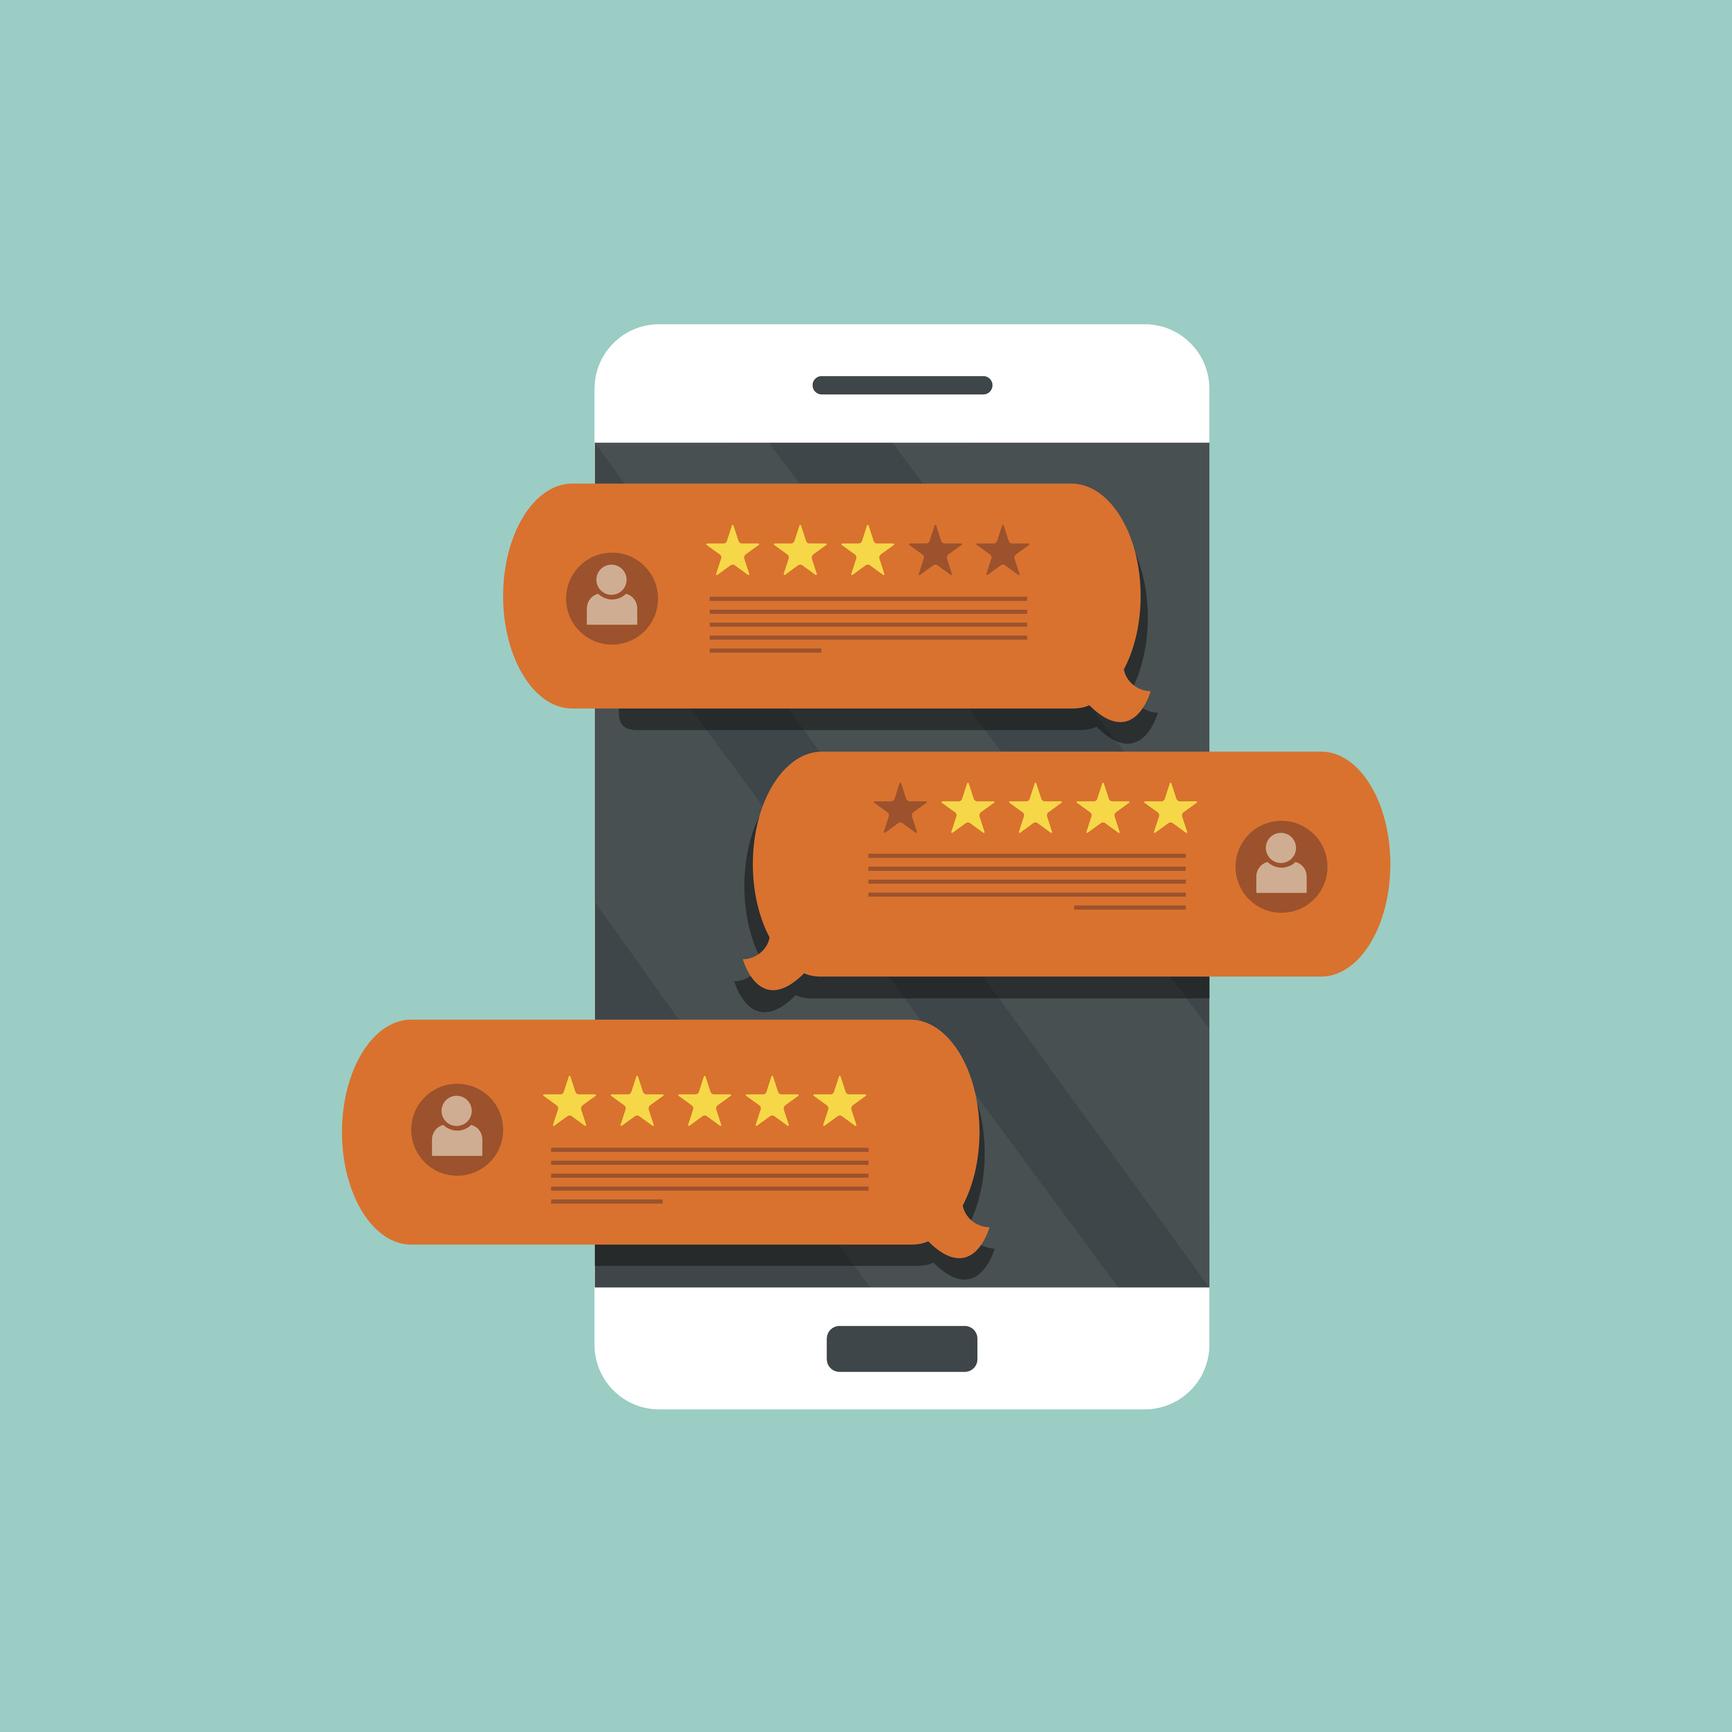 online sales rankings ratings reviews